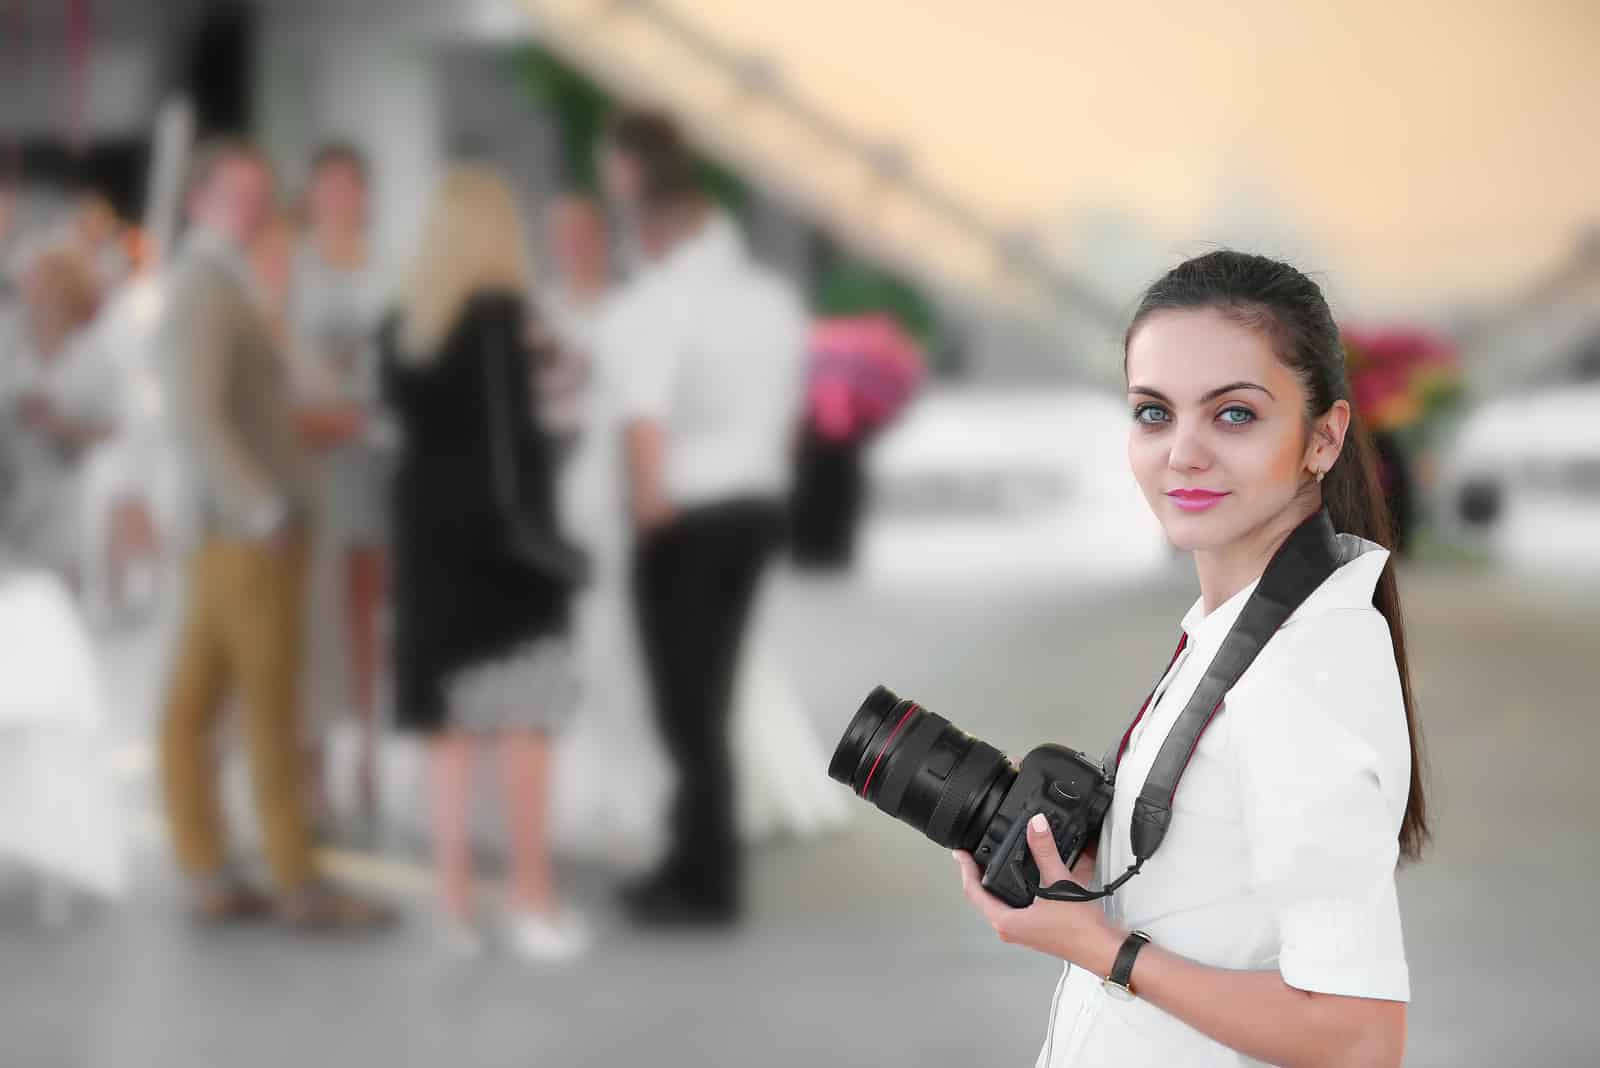 Fotograf fotografiert die Hochzeit